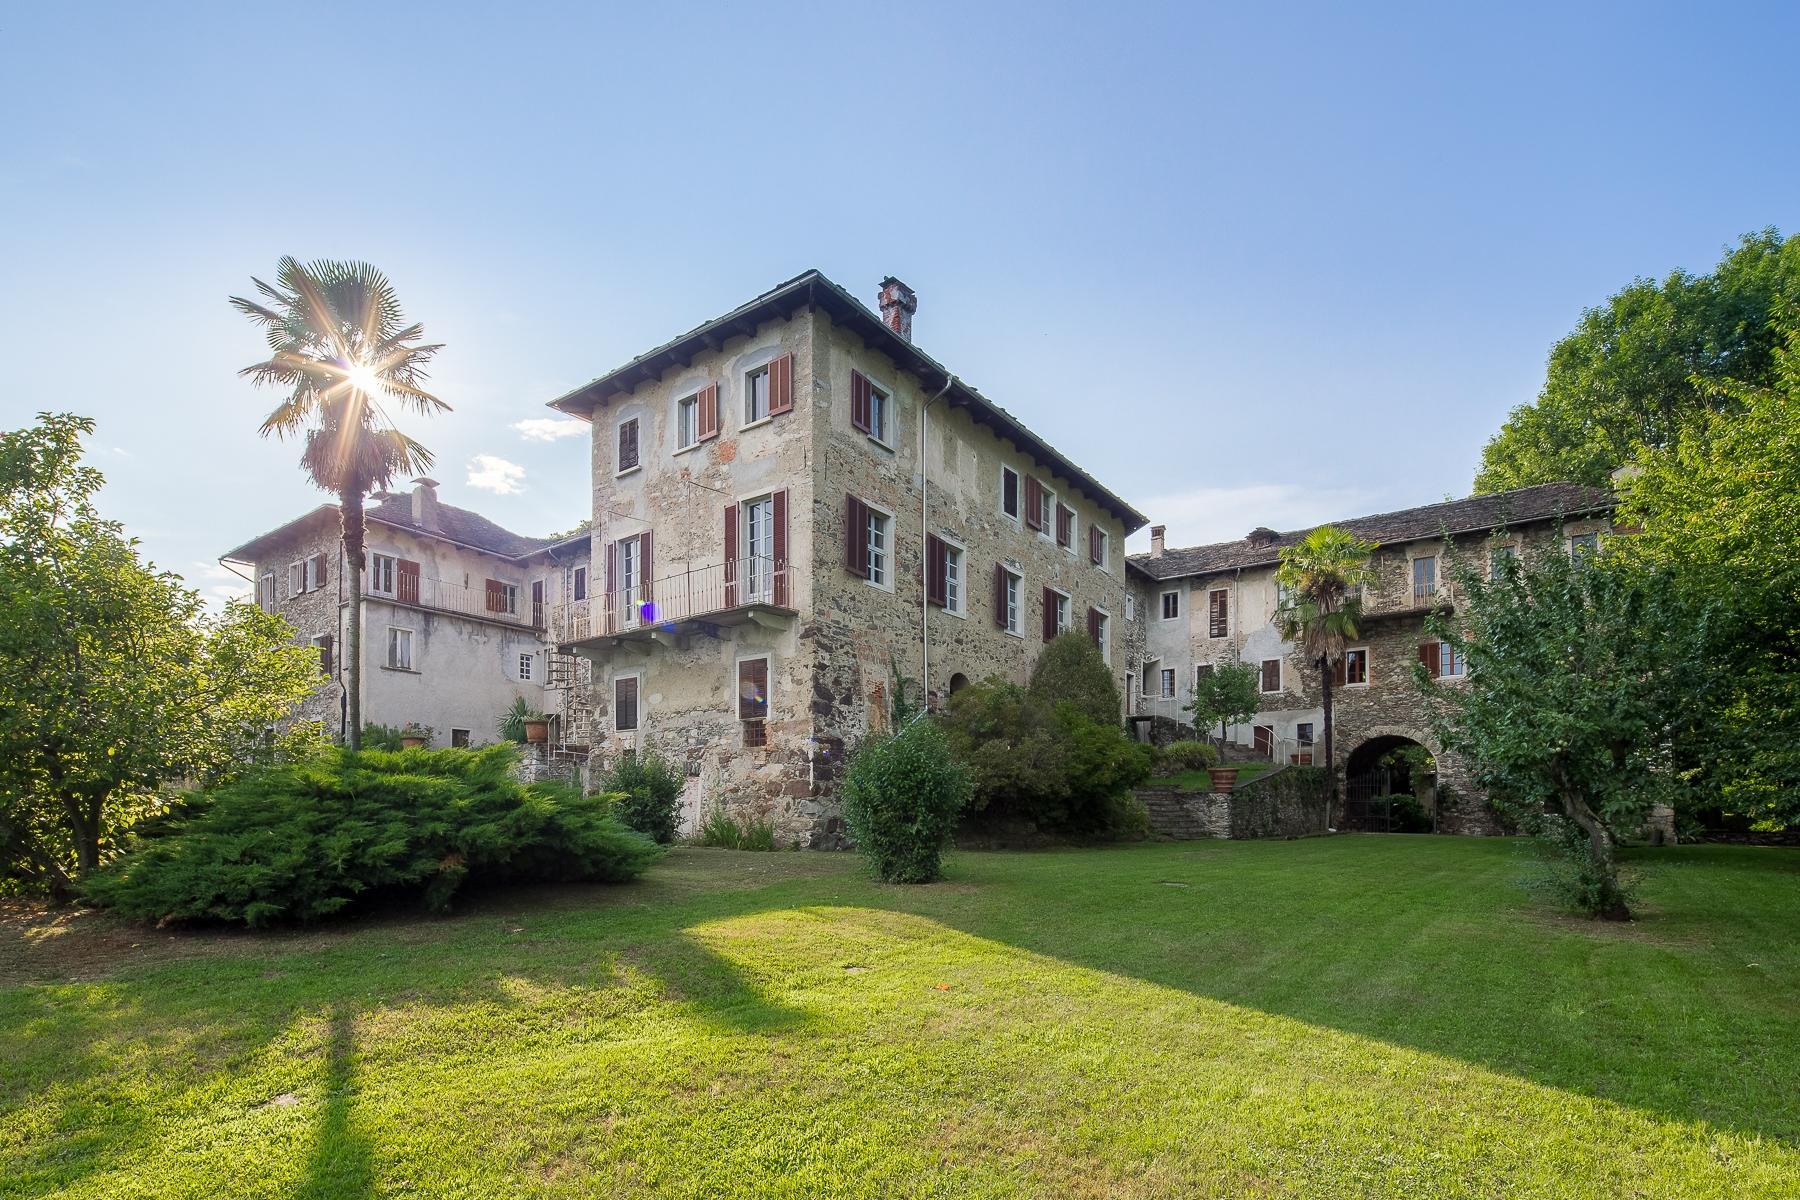 Ancien couvent et Villa du XIXe siècle sur le Sacro Monte - Orta San Giulio - 3